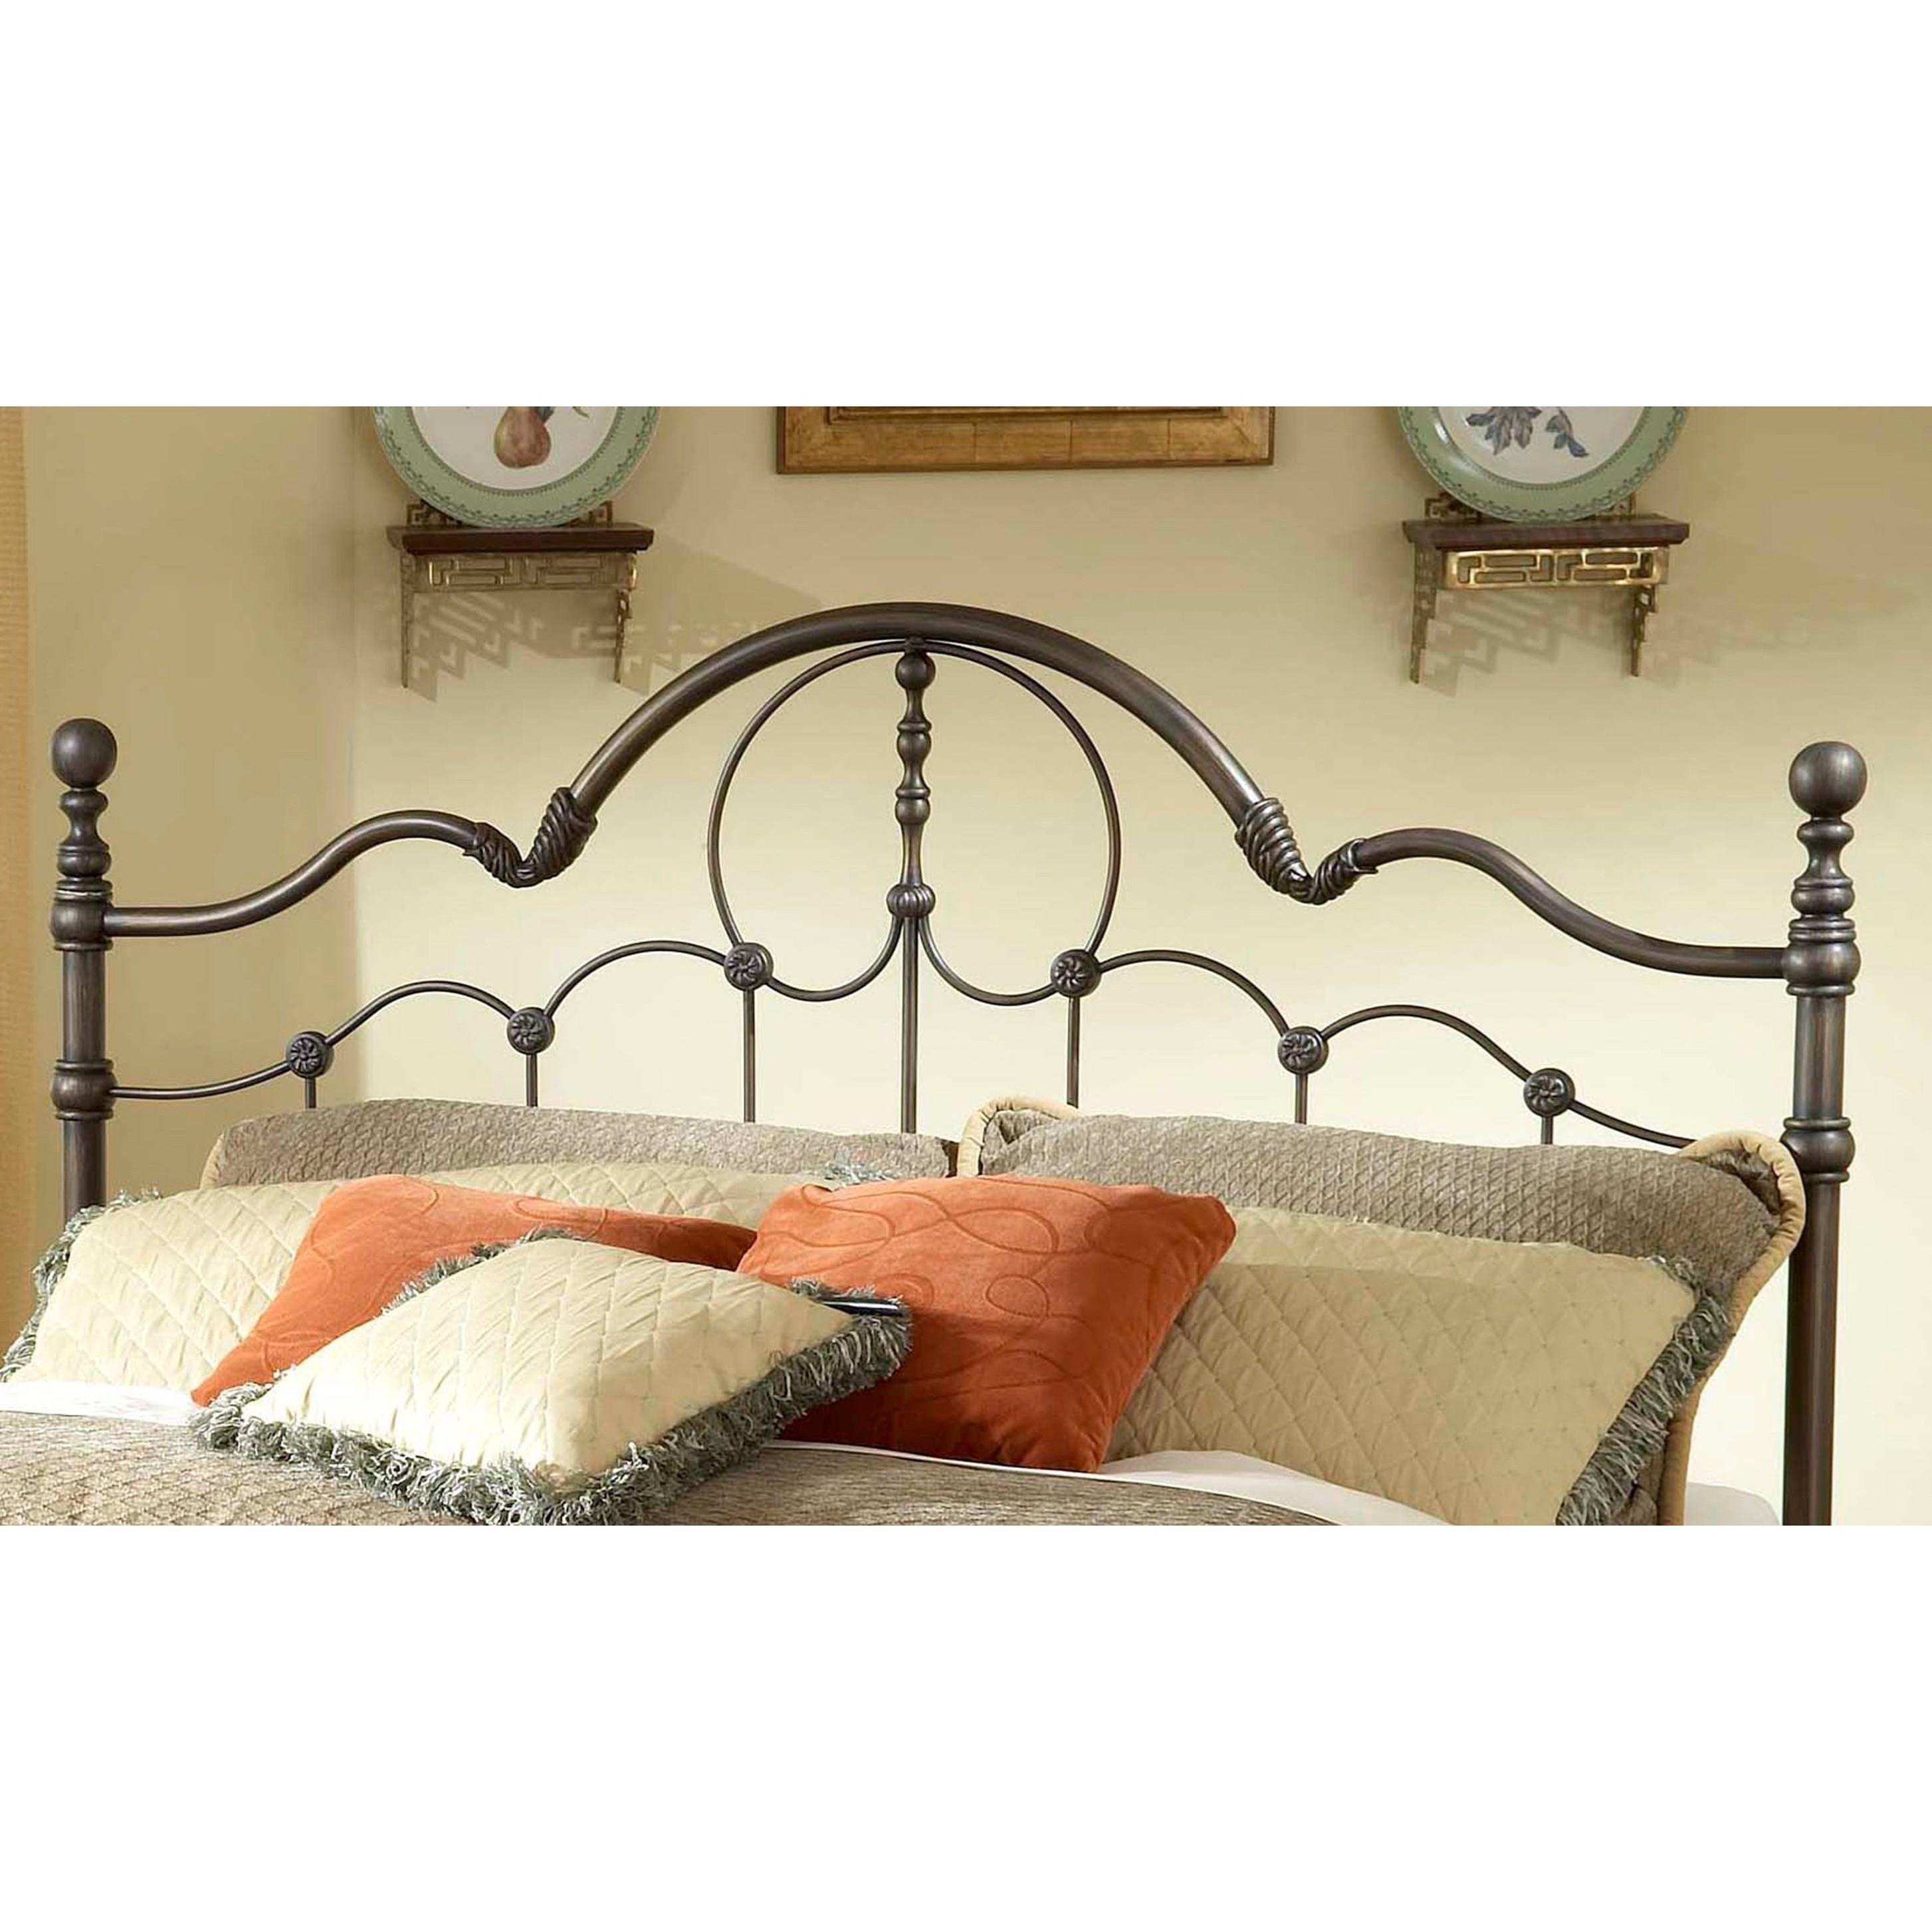 Hillsdale Metal Beds King Venetian Headboard - Item Number: 1480-670